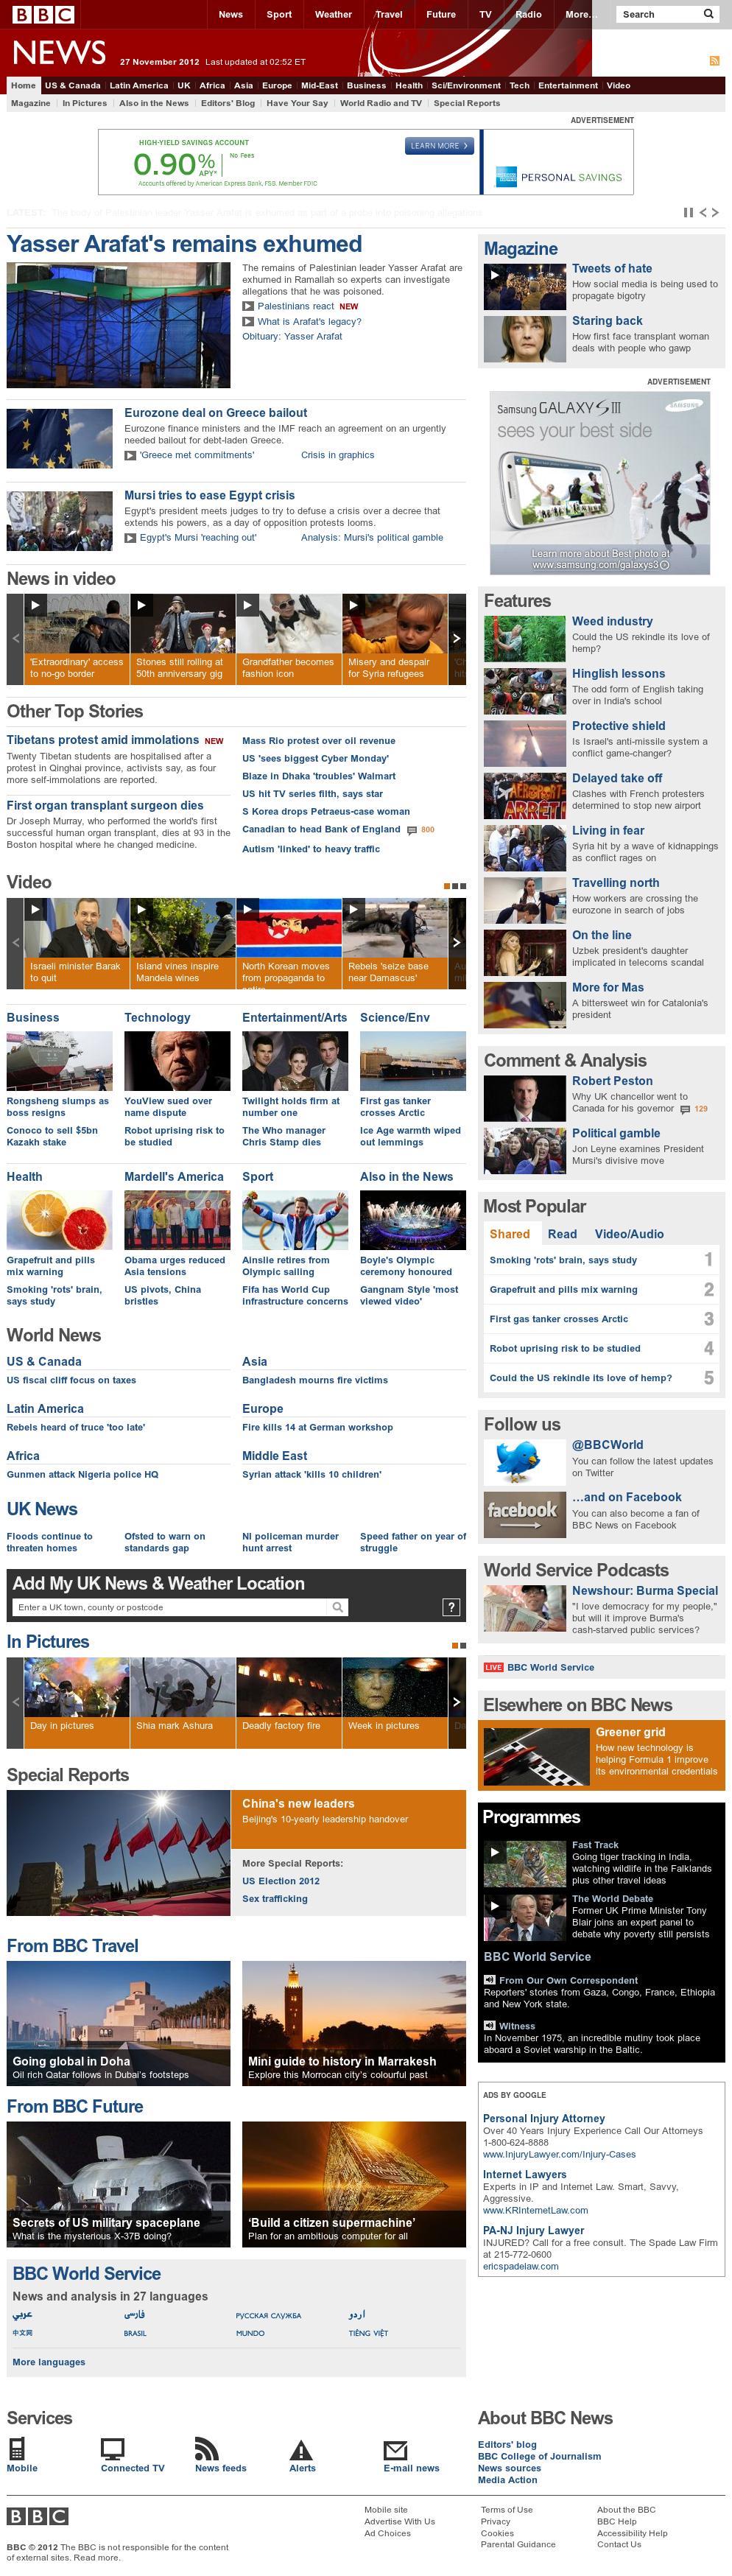 BBC at Tuesday Nov. 27, 2012, 8:01 a.m. UTC